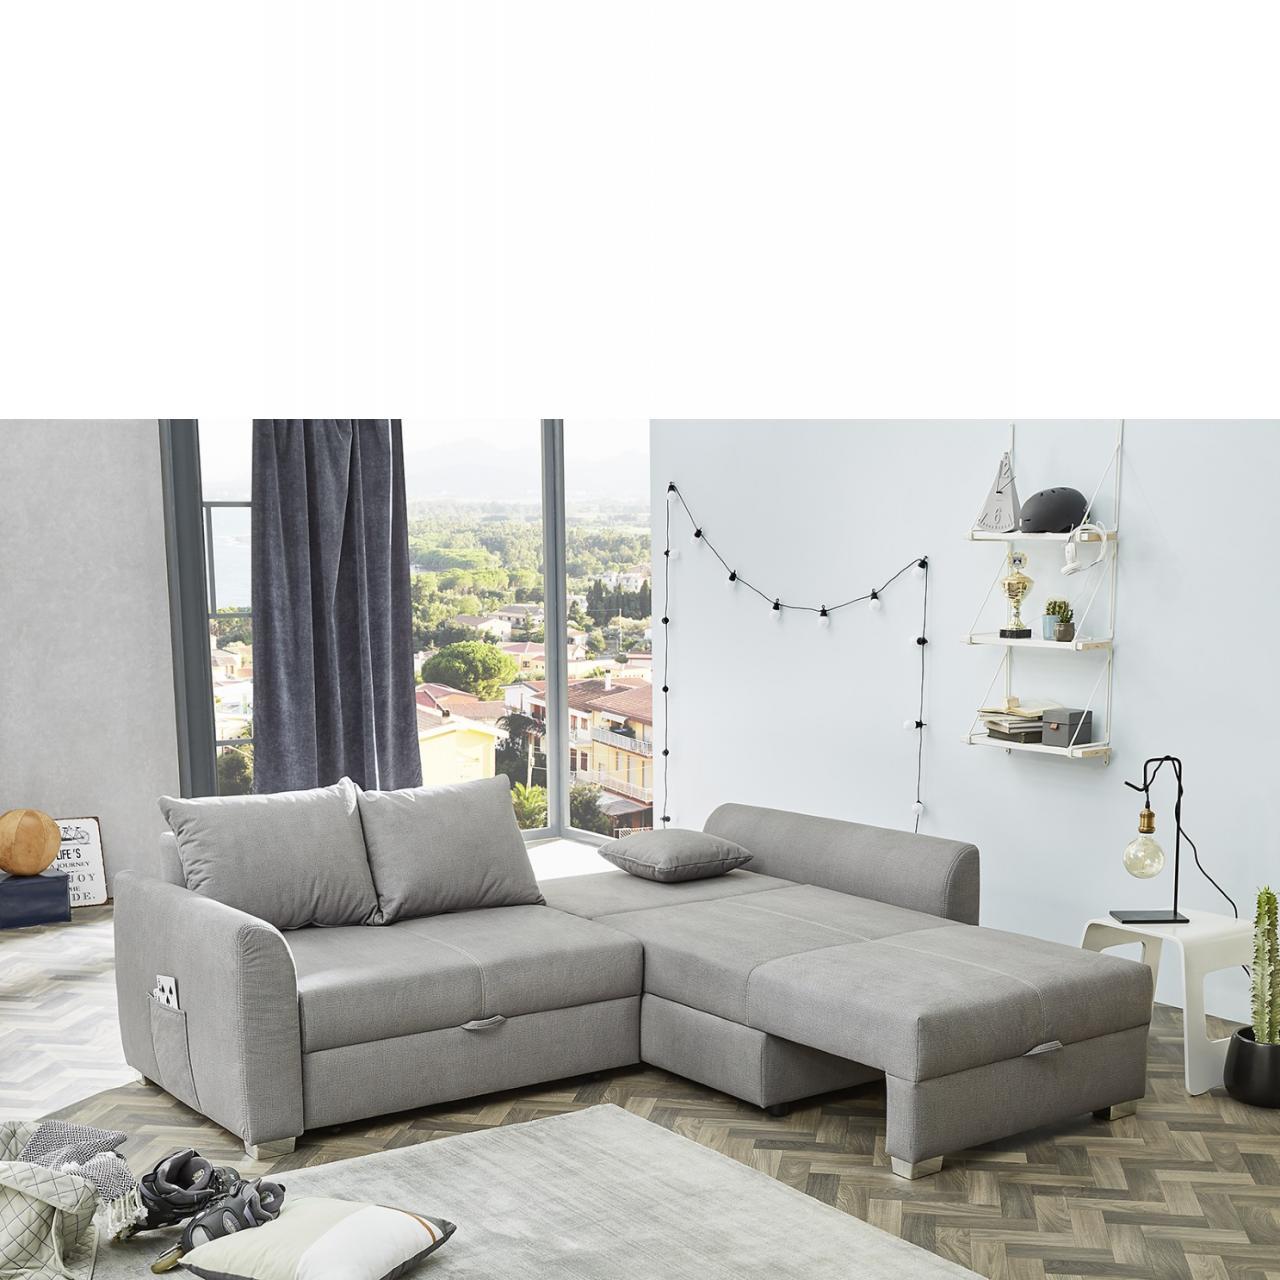 wohnlandschaft boomer wohnlandschaft polsterm bel m bel j hnichen center gmbh. Black Bedroom Furniture Sets. Home Design Ideas